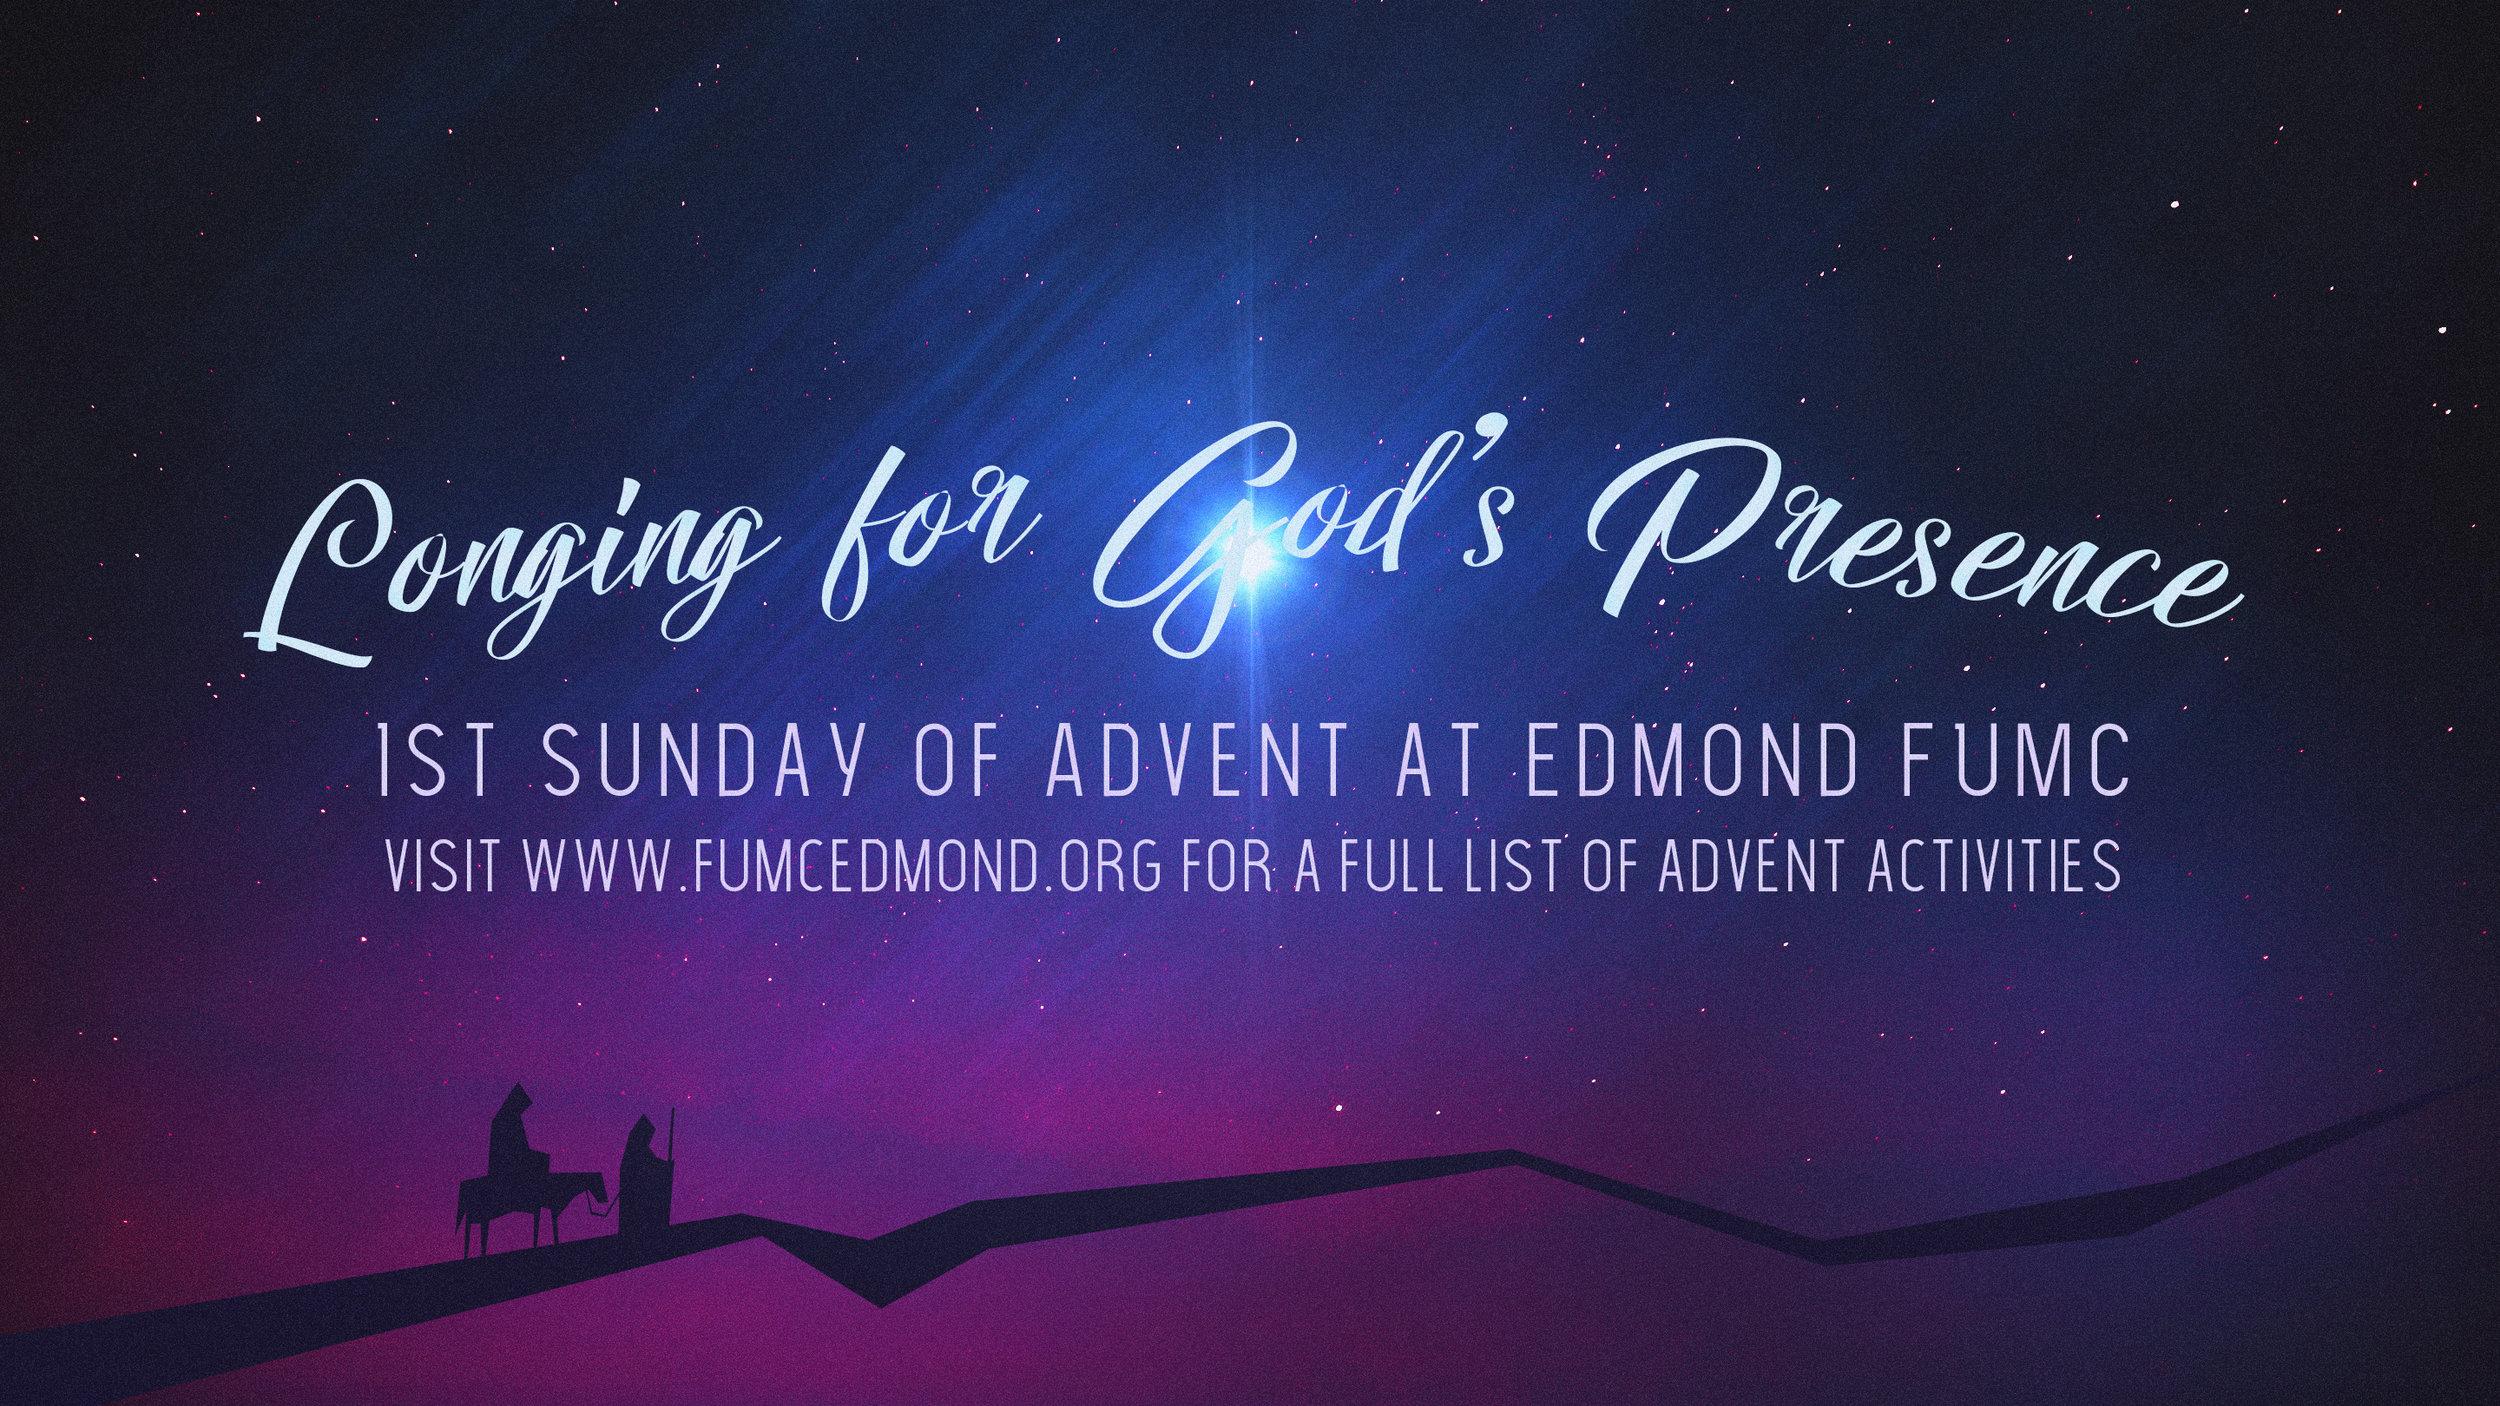 Longing for God's presence wk 1.jpg